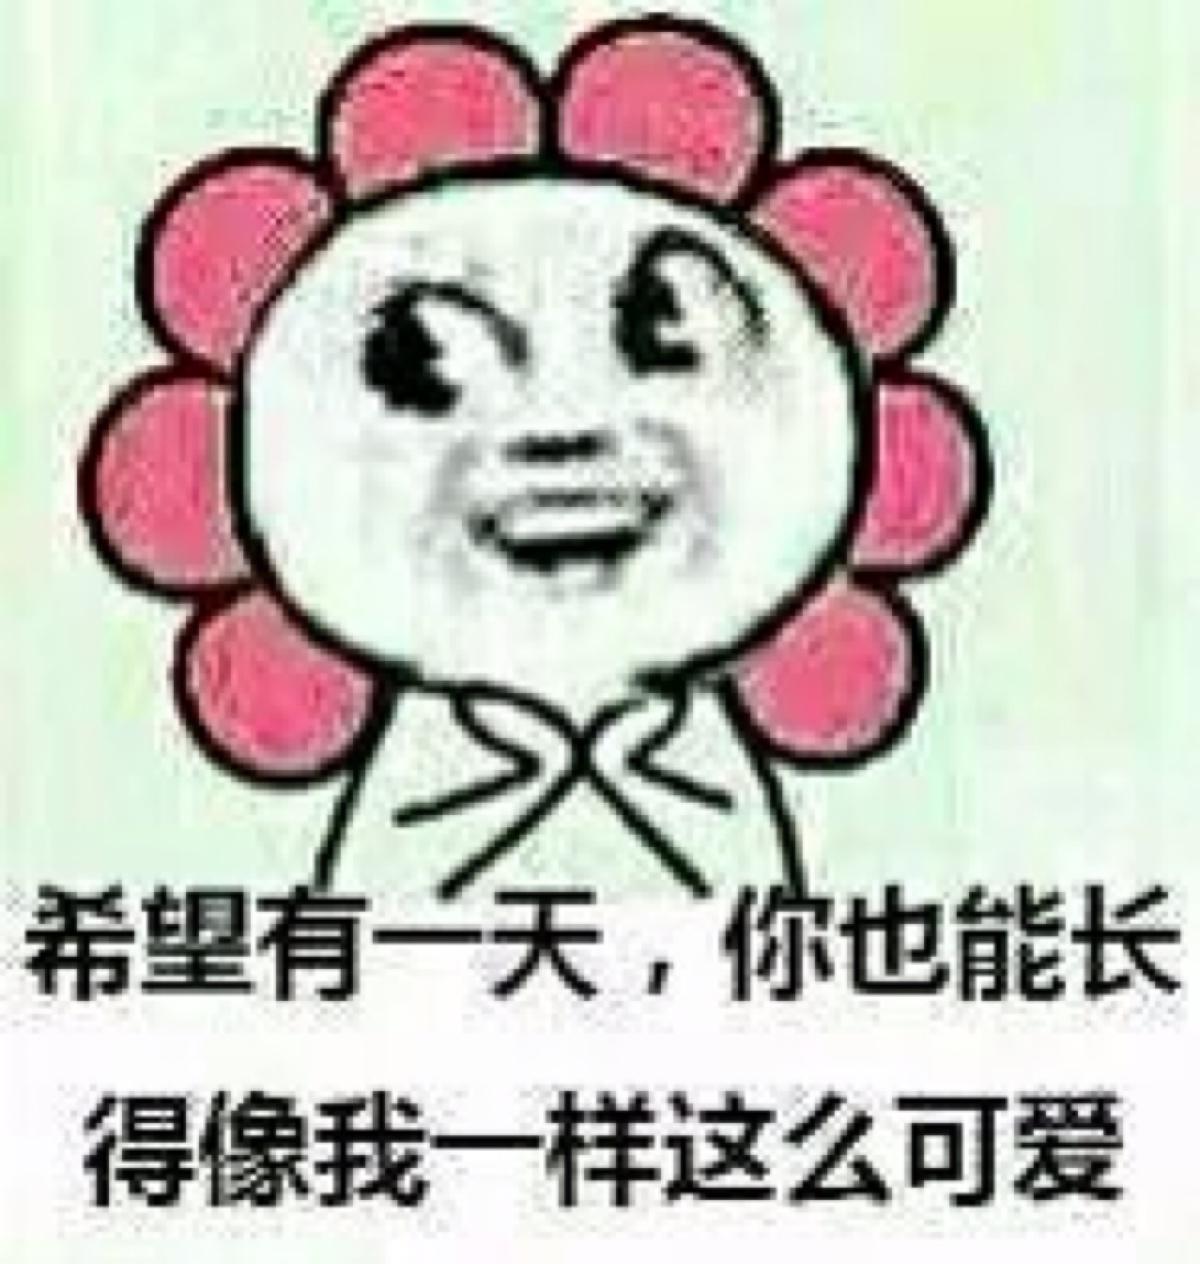 新年祝福诗_藏头诗祝福好友猴年春节快乐昌邑老干部